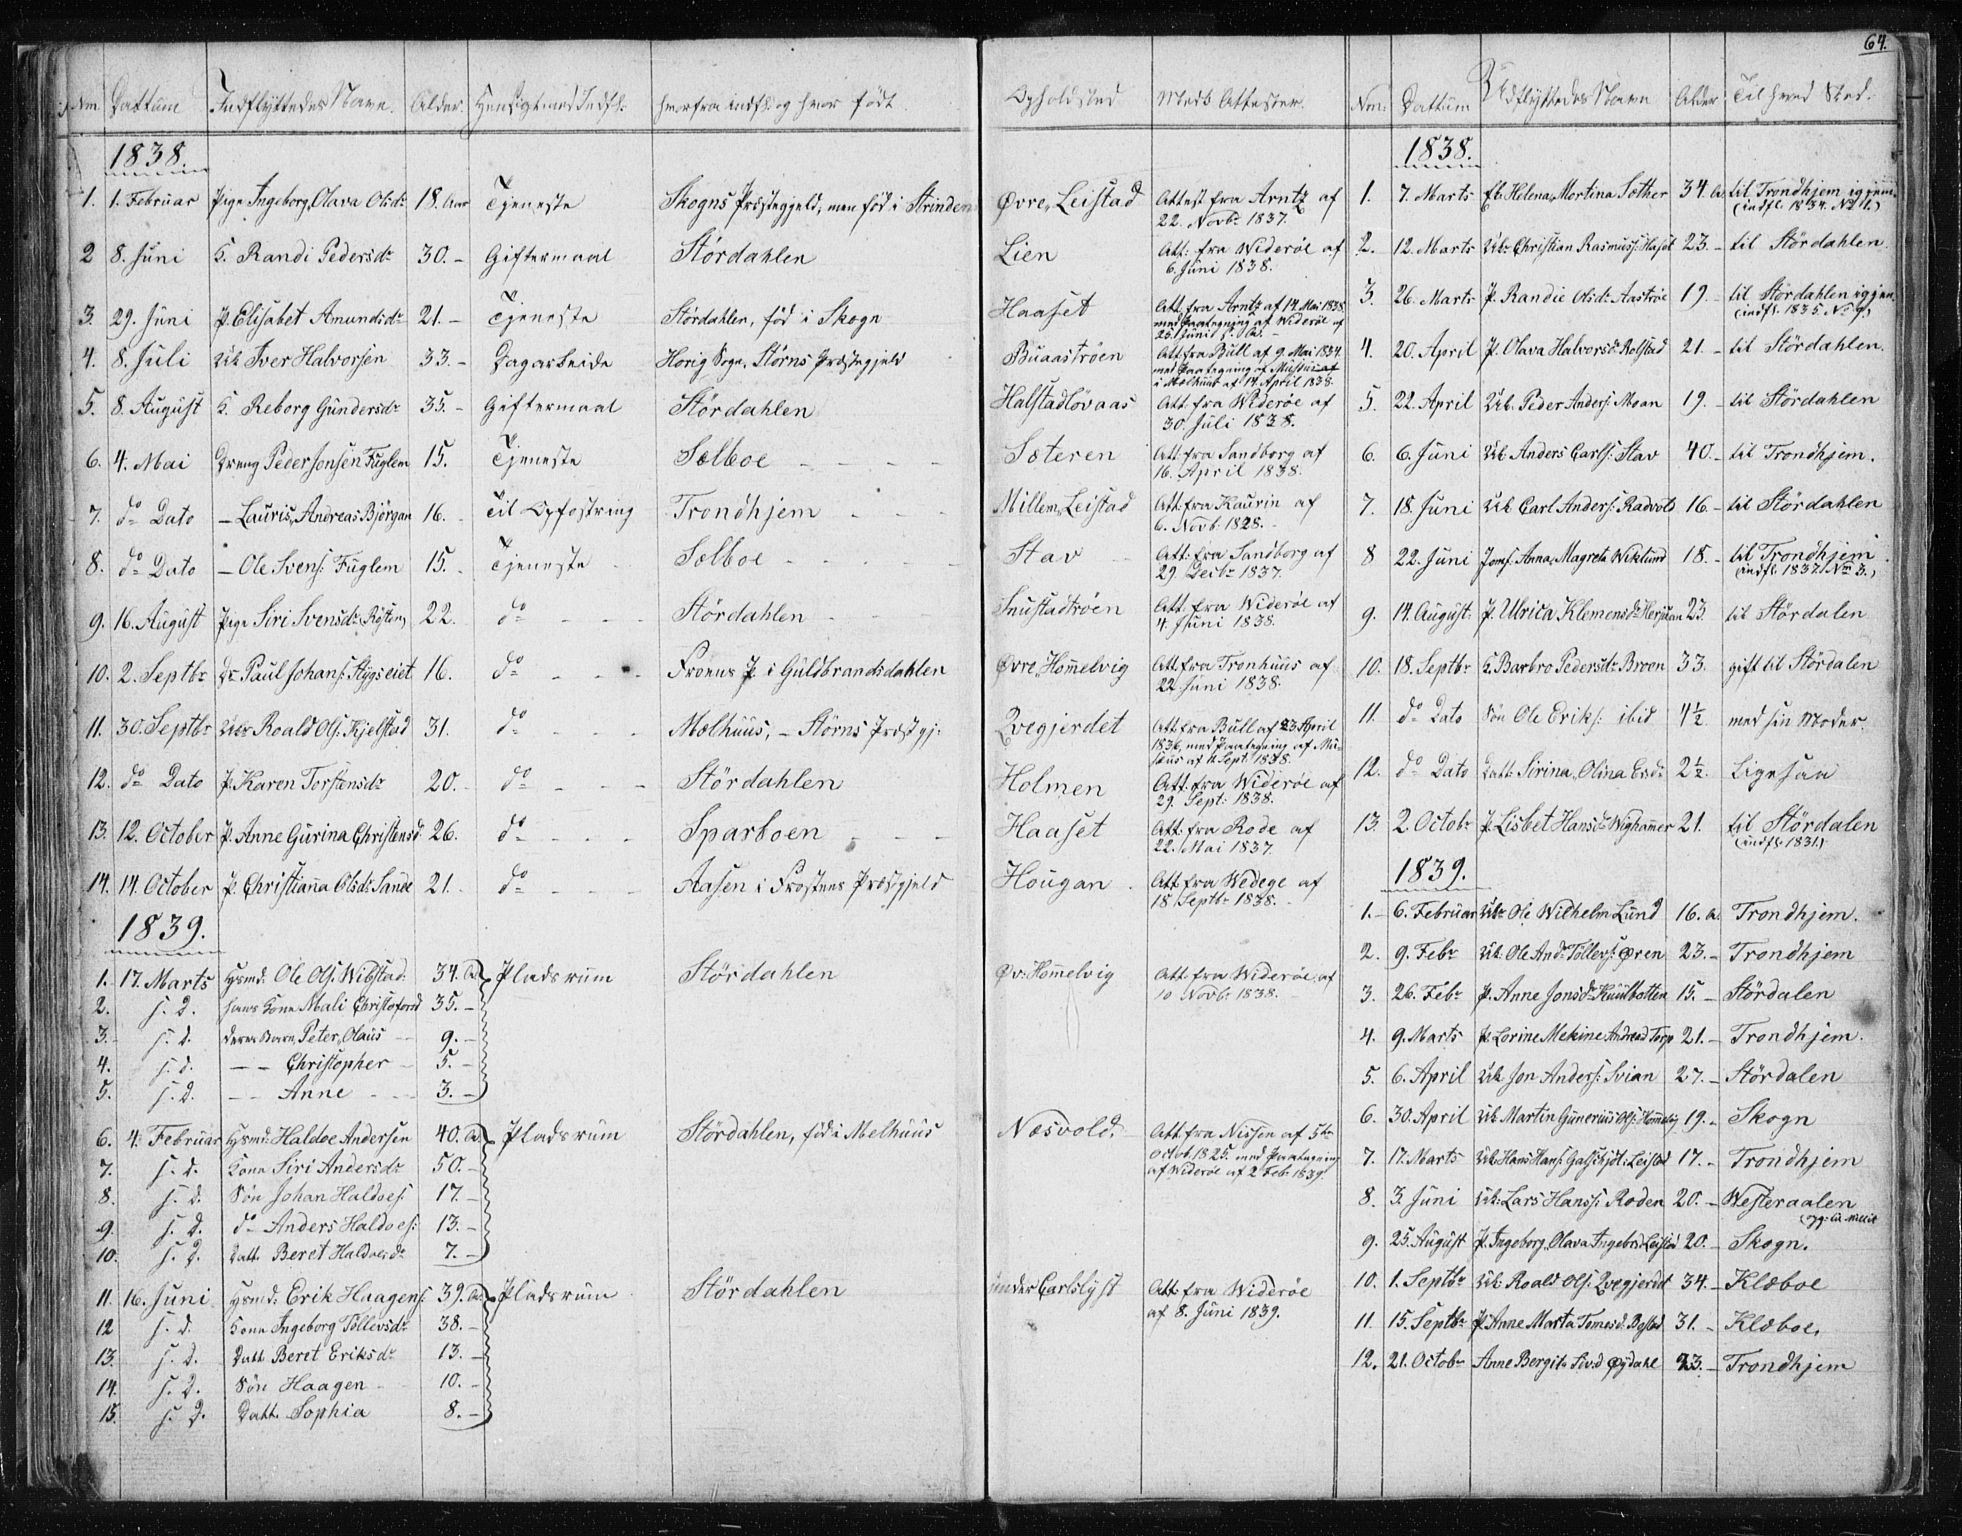 SAT, Ministerialprotokoller, klokkerbøker og fødselsregistre - Sør-Trøndelag, 616/L0405: Ministerialbok nr. 616A02, 1831-1842, s. 64